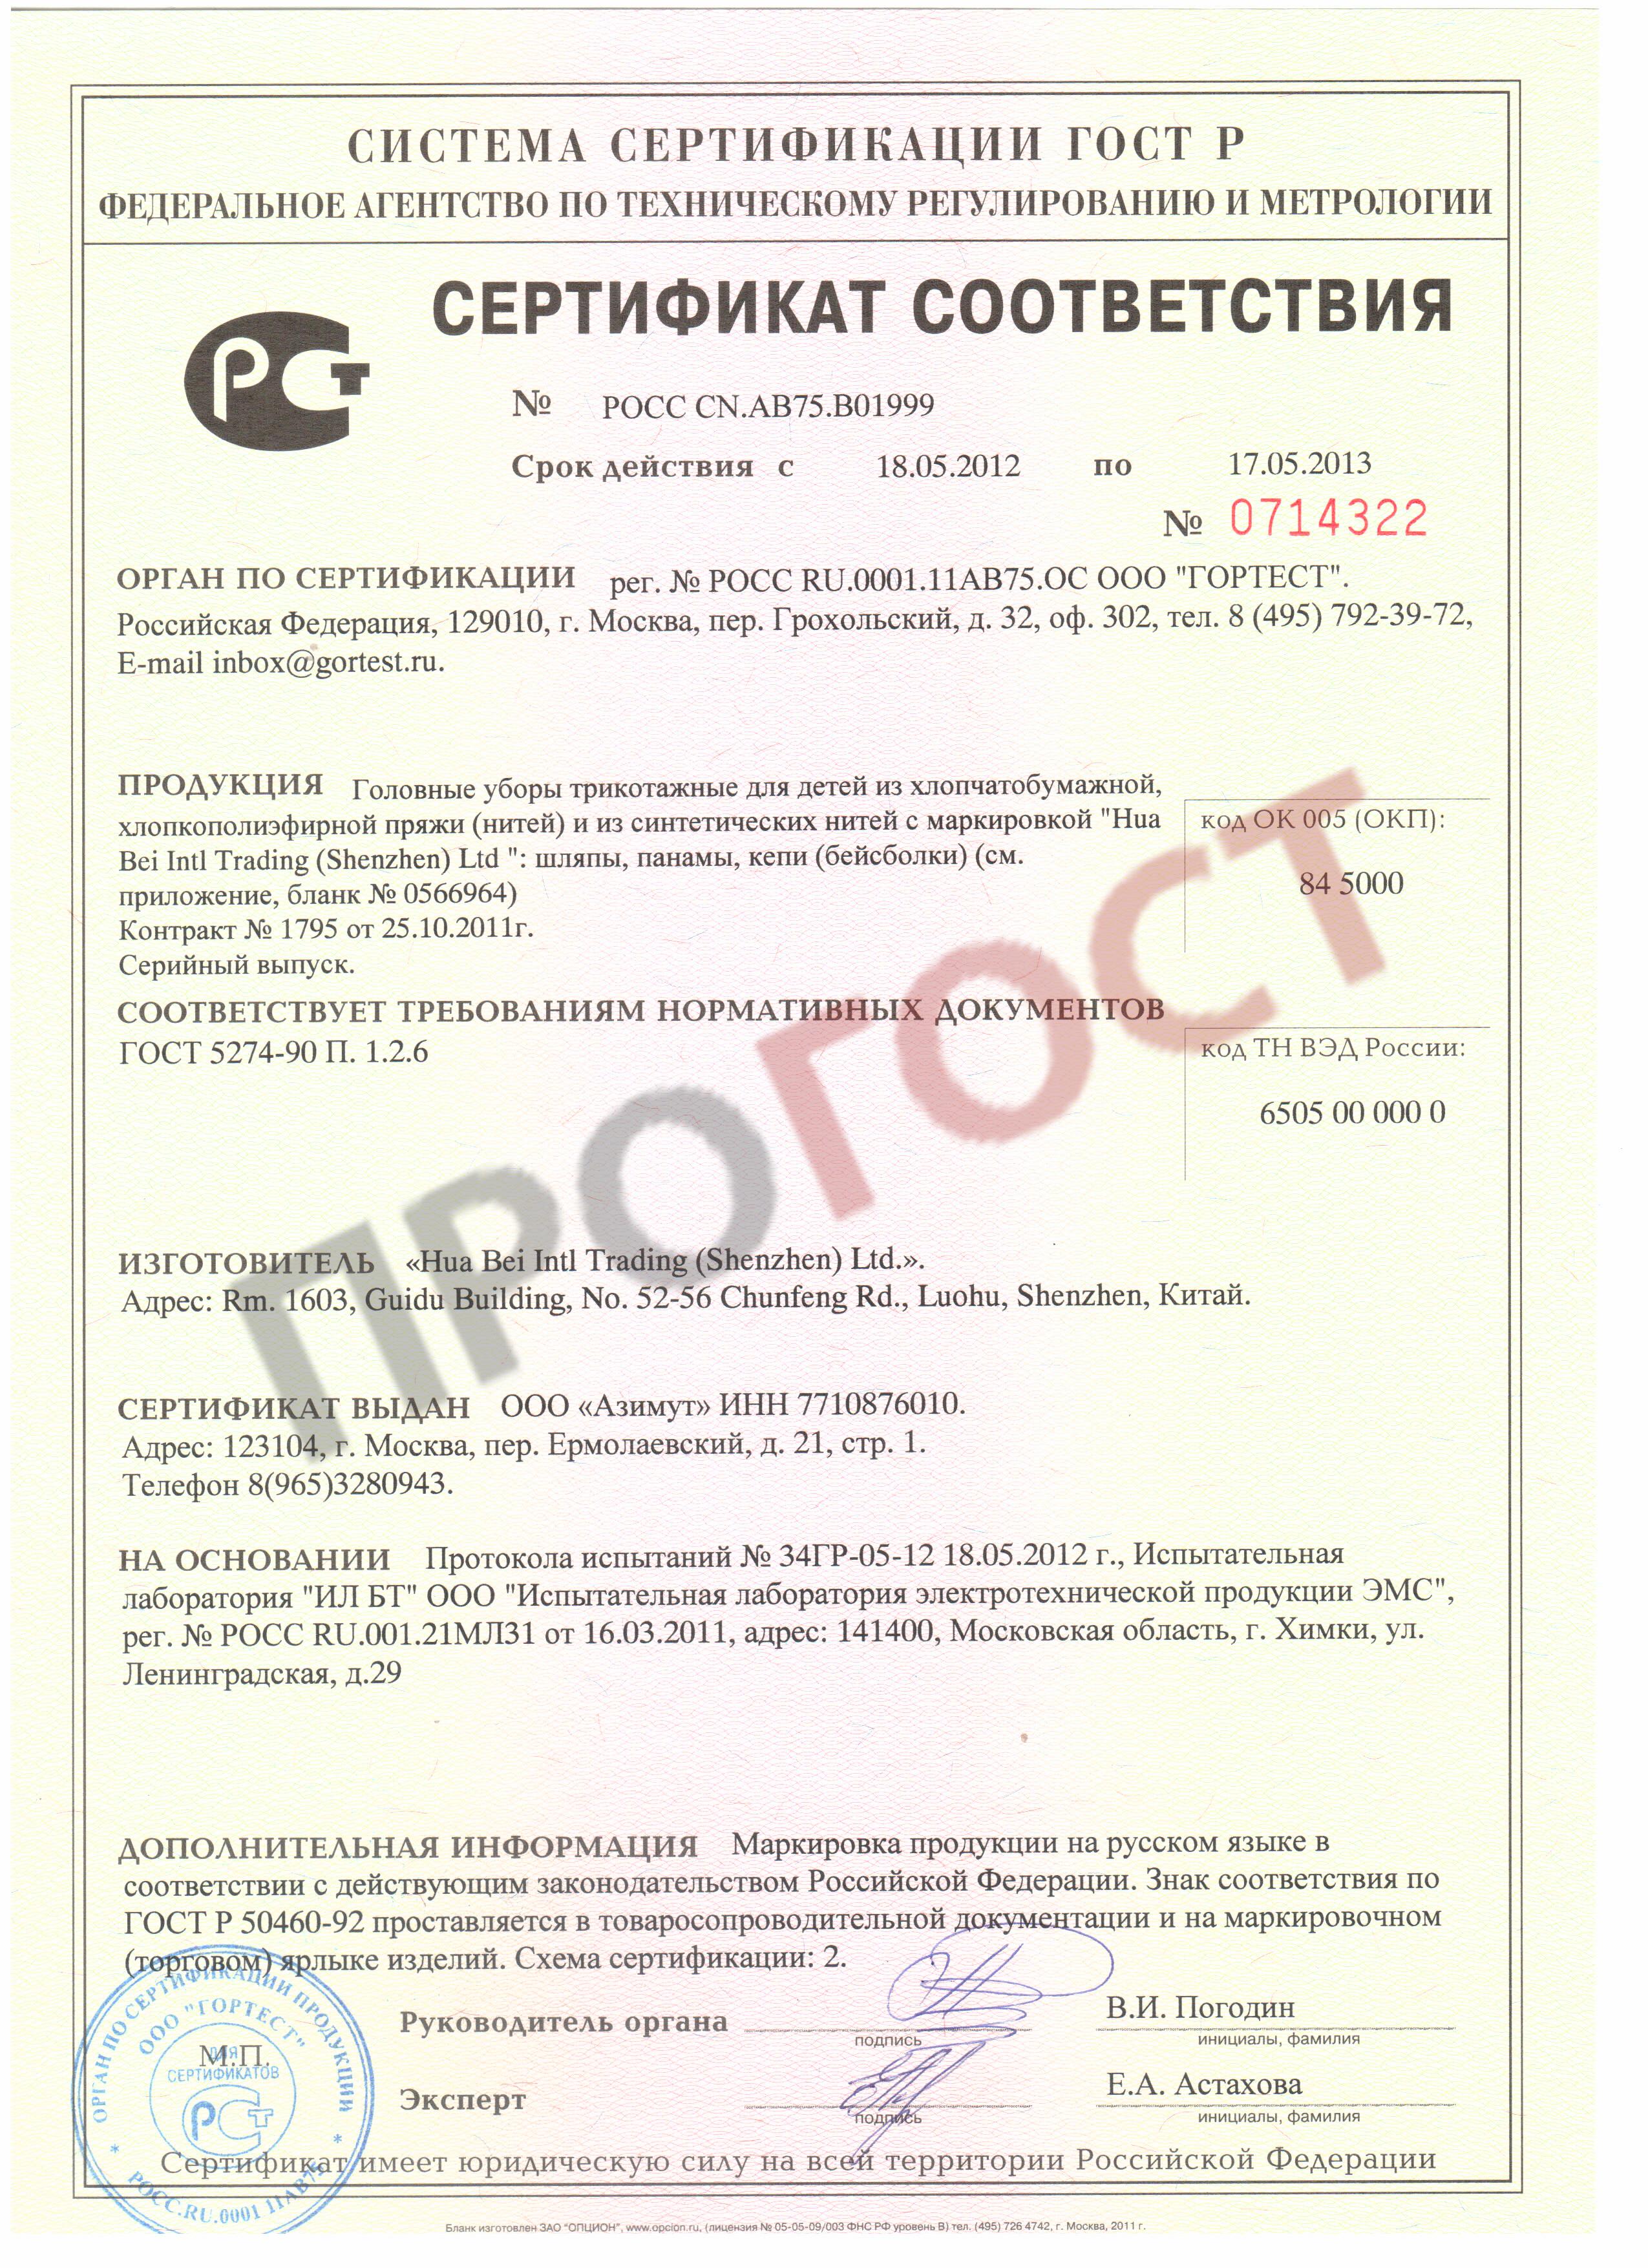 Особенности получения и составления отказного письма о сертификации товара